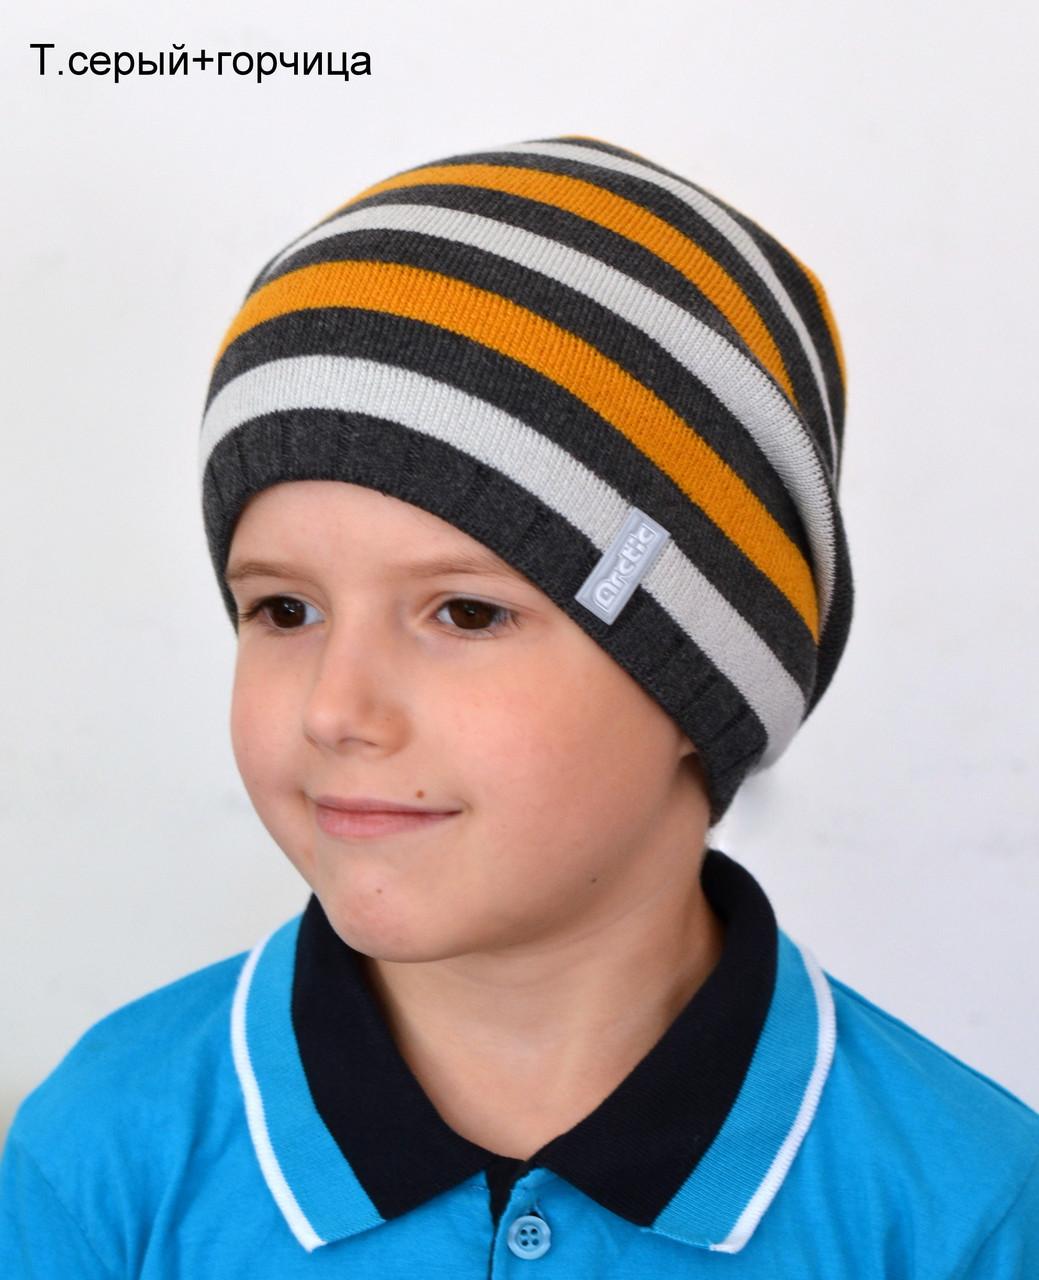 Шапка зимняя с помпоном для мальчика Темно-серый